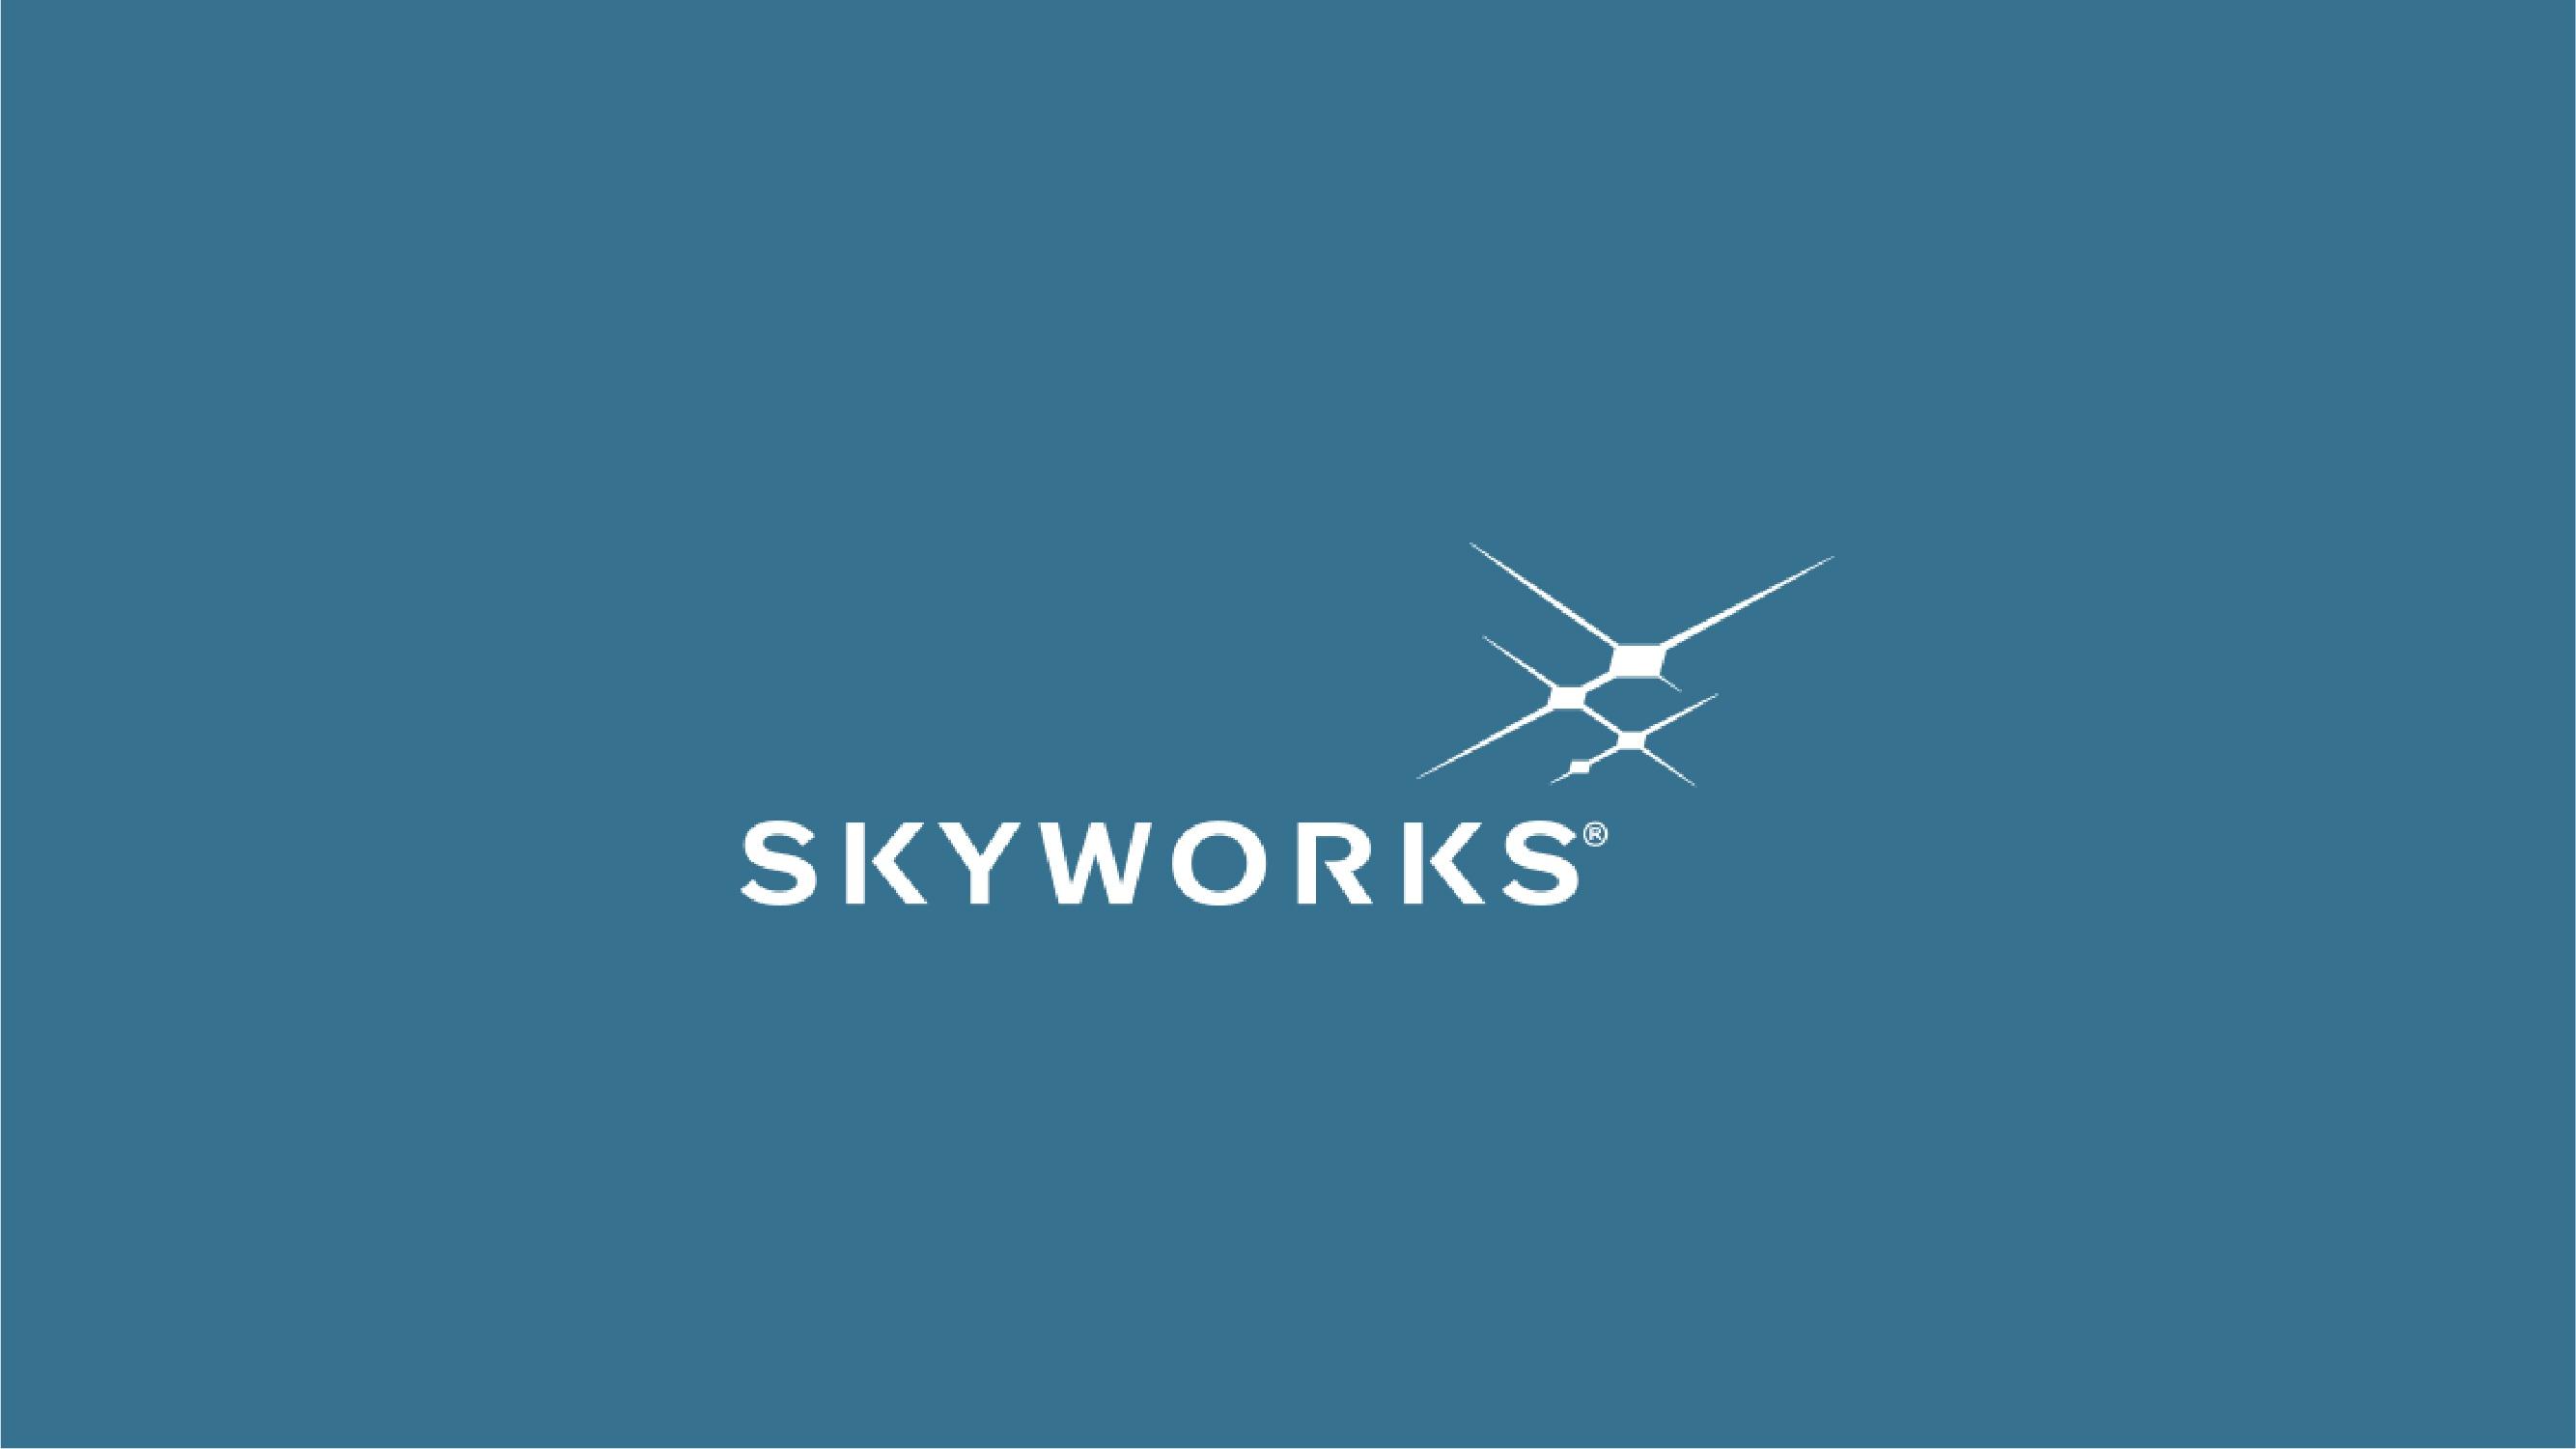 skyworks-07